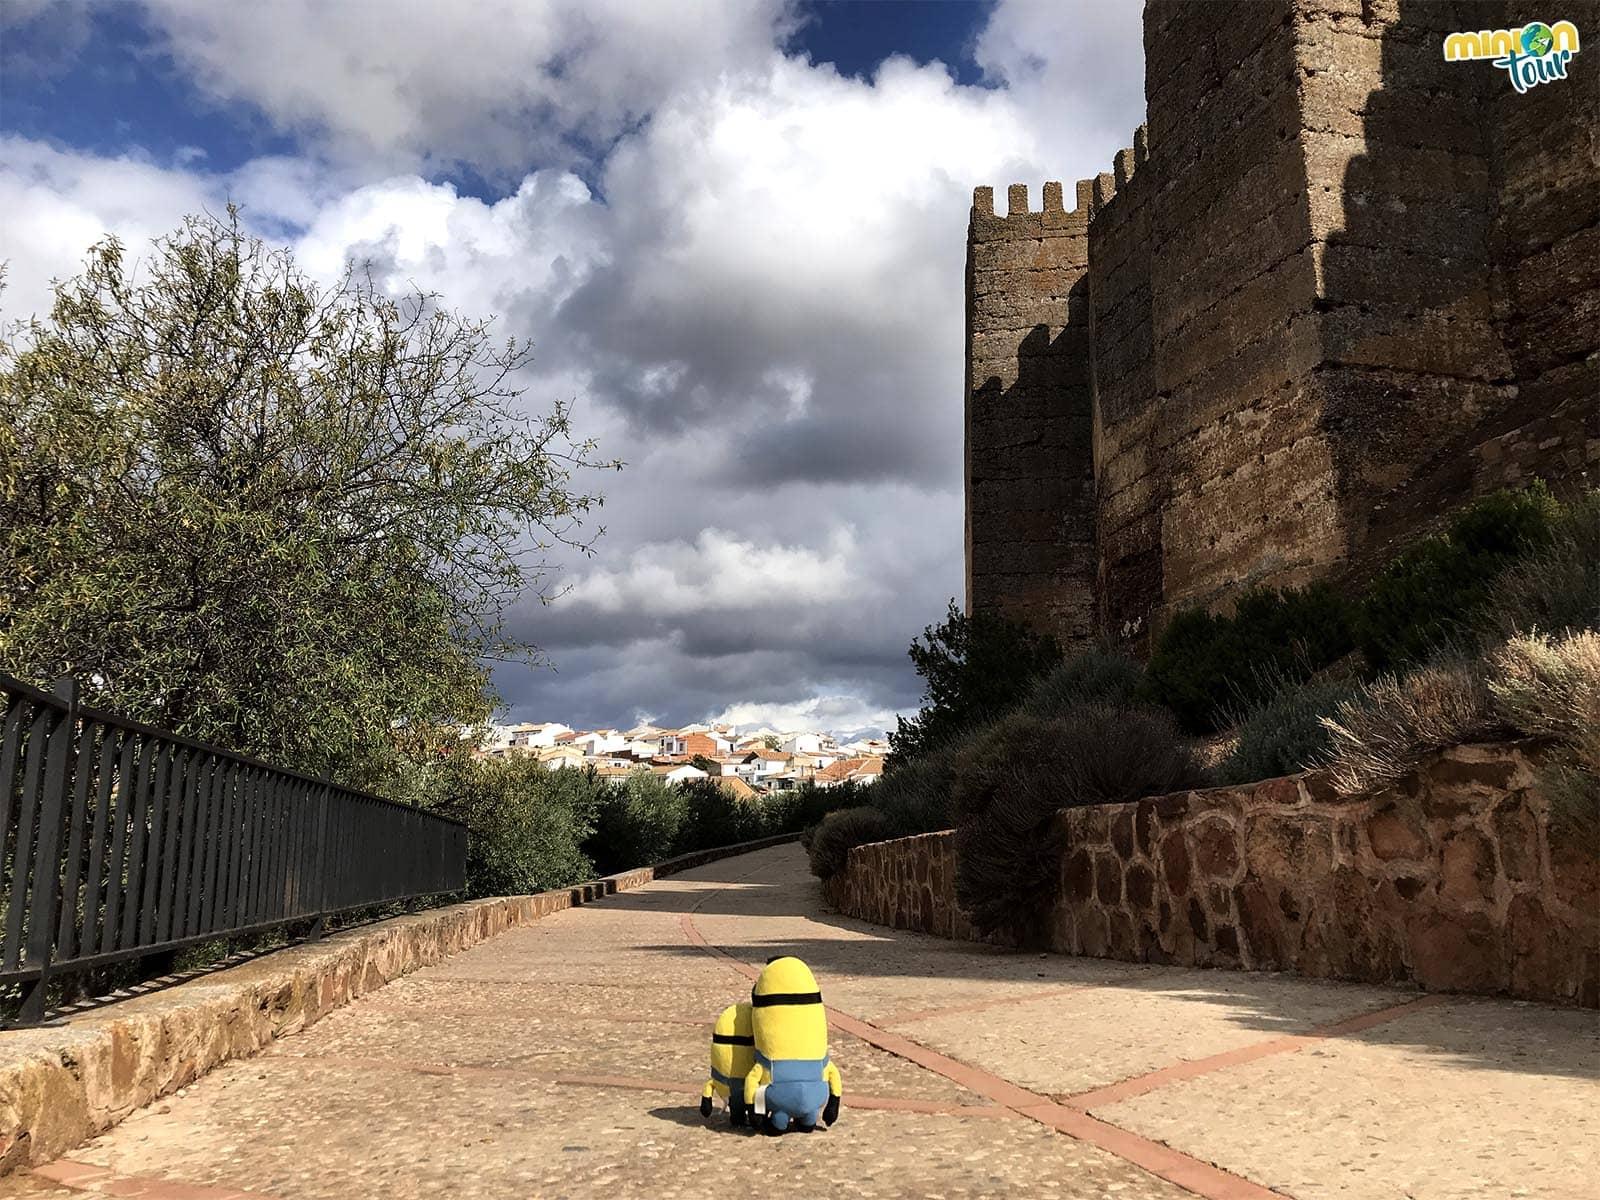 Rodeando el Castillo de Baños de la Encina